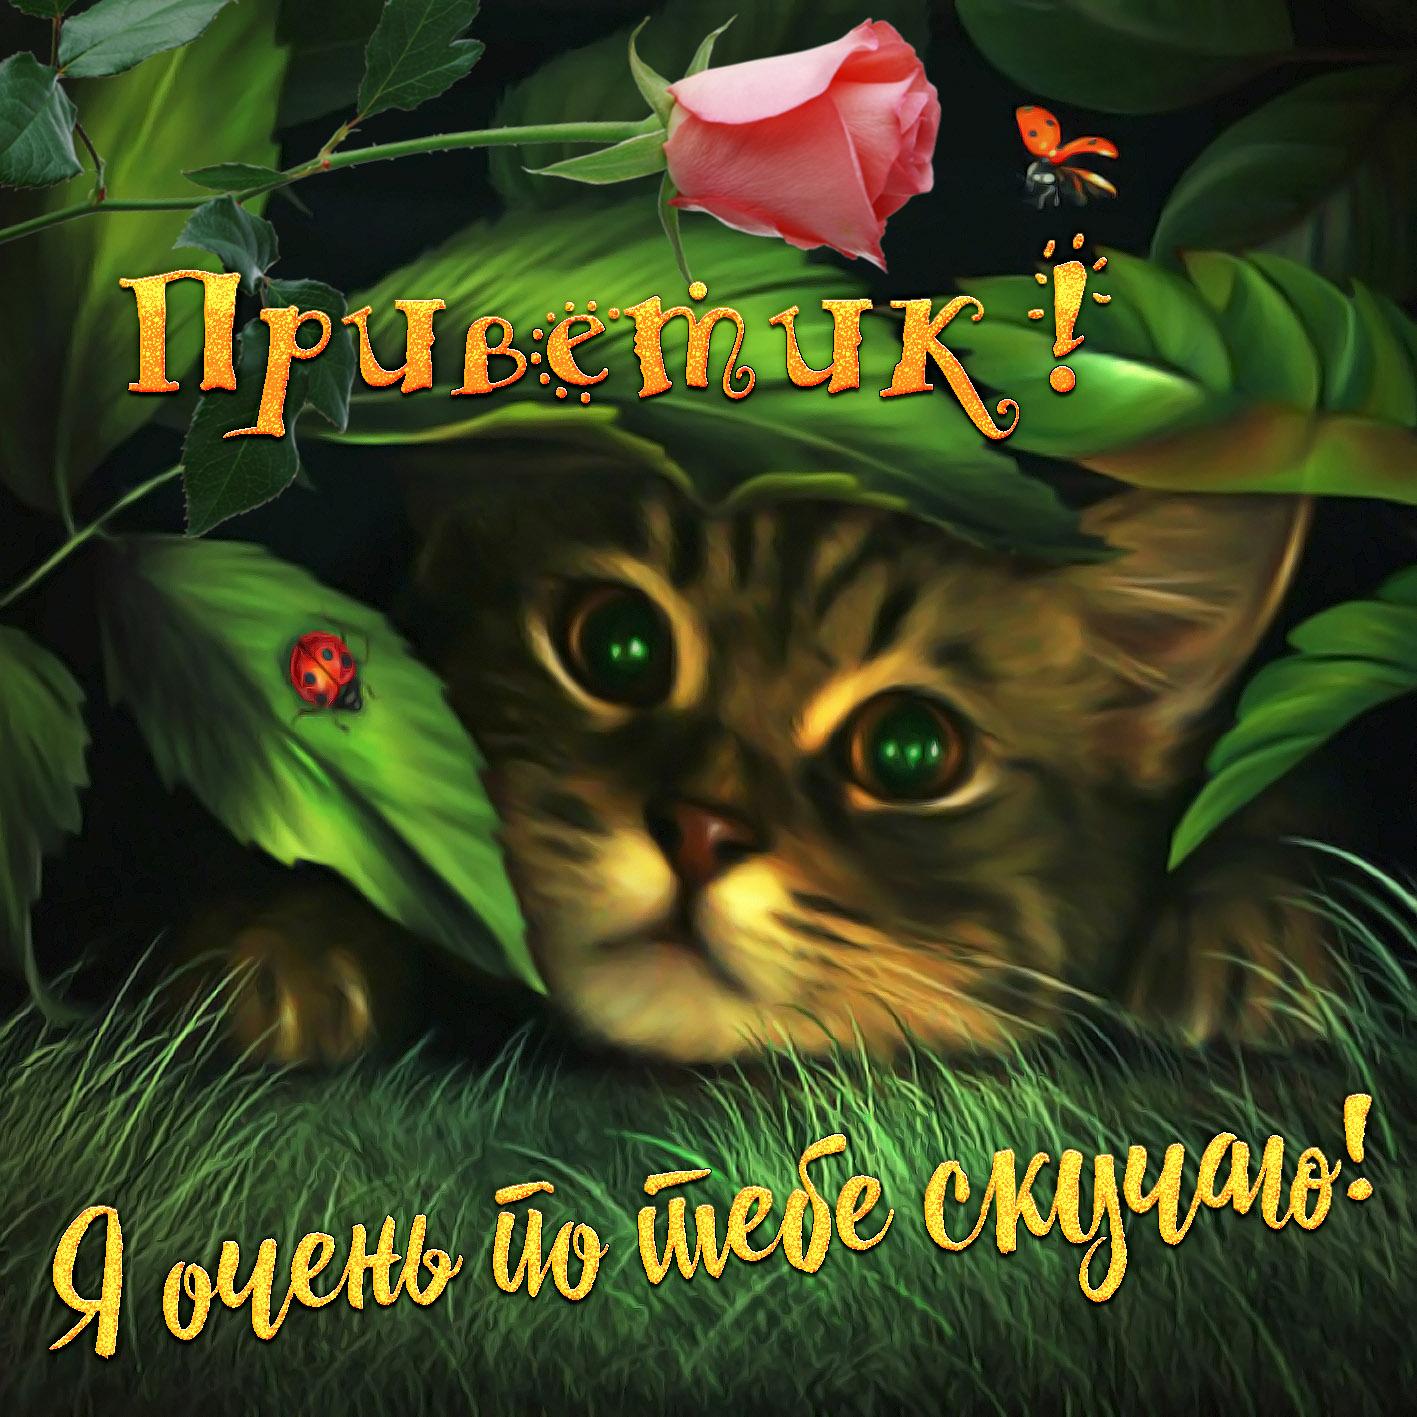 Картинка привет дорогая хорошего дня